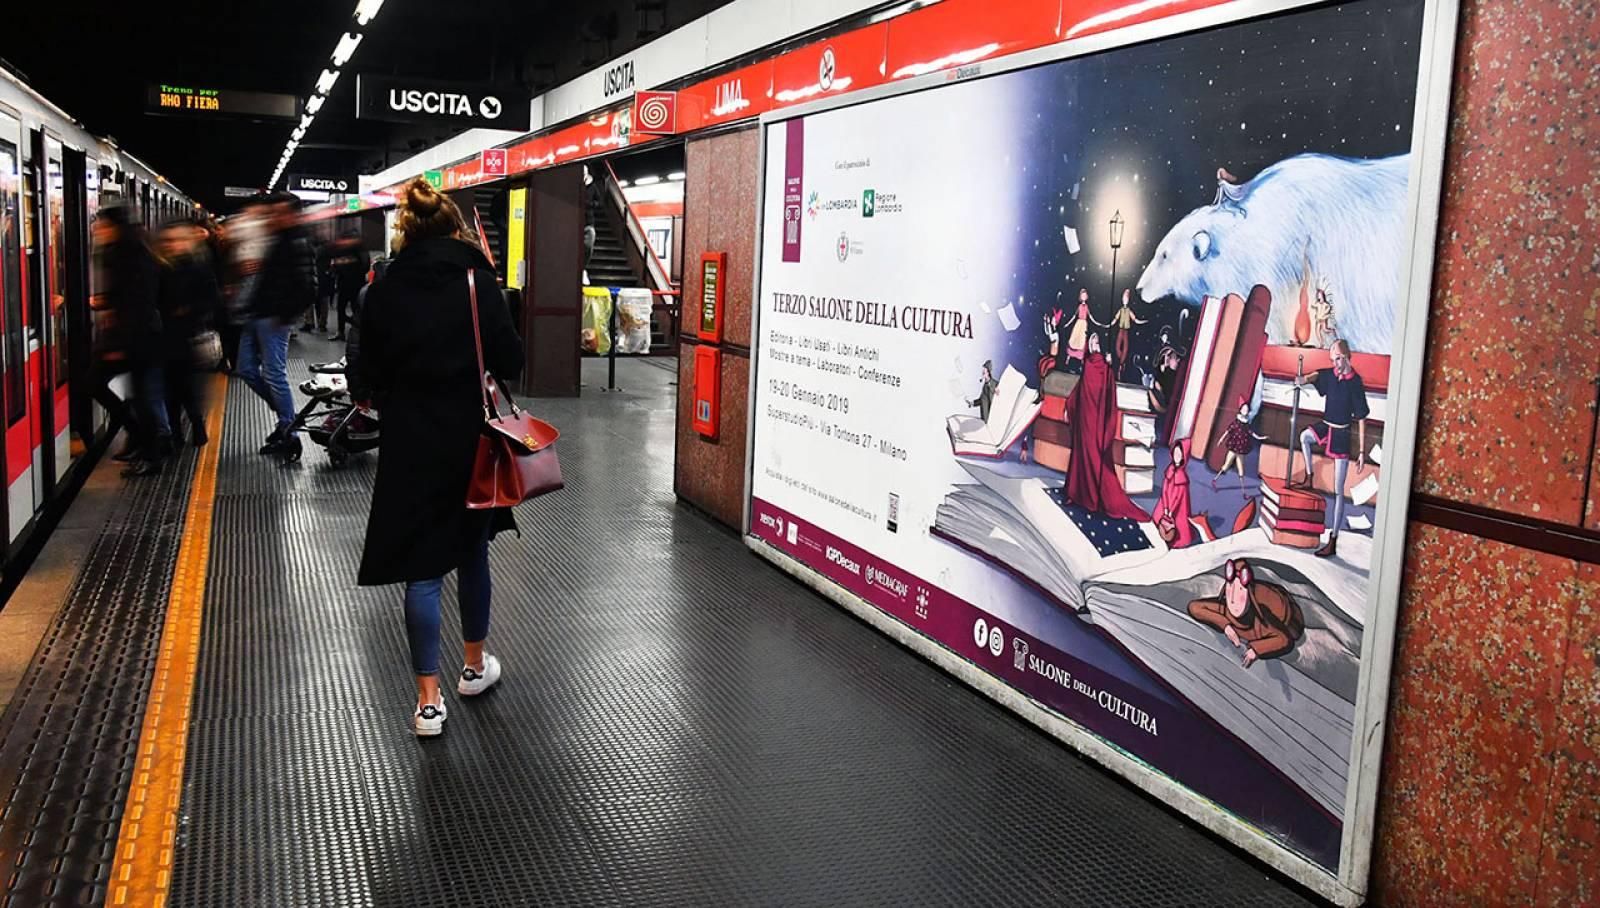 Pubblicità in metropolitana a Milano IGPDecaux circuito phygital per il Salone della cultura